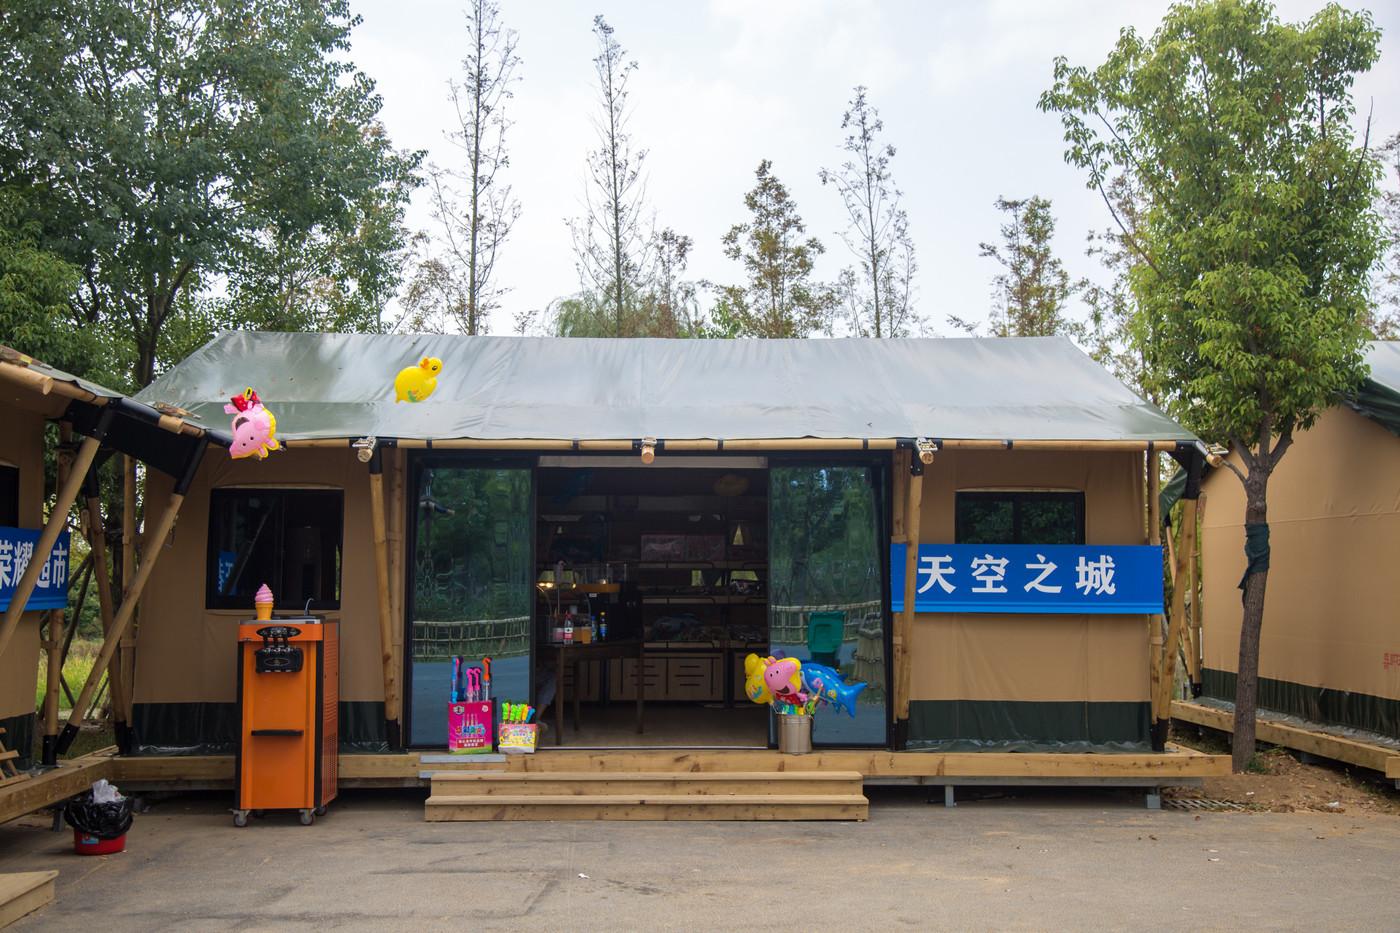 喜马拉雅野奢帐篷酒店—淮安白马湖度假区商铺11